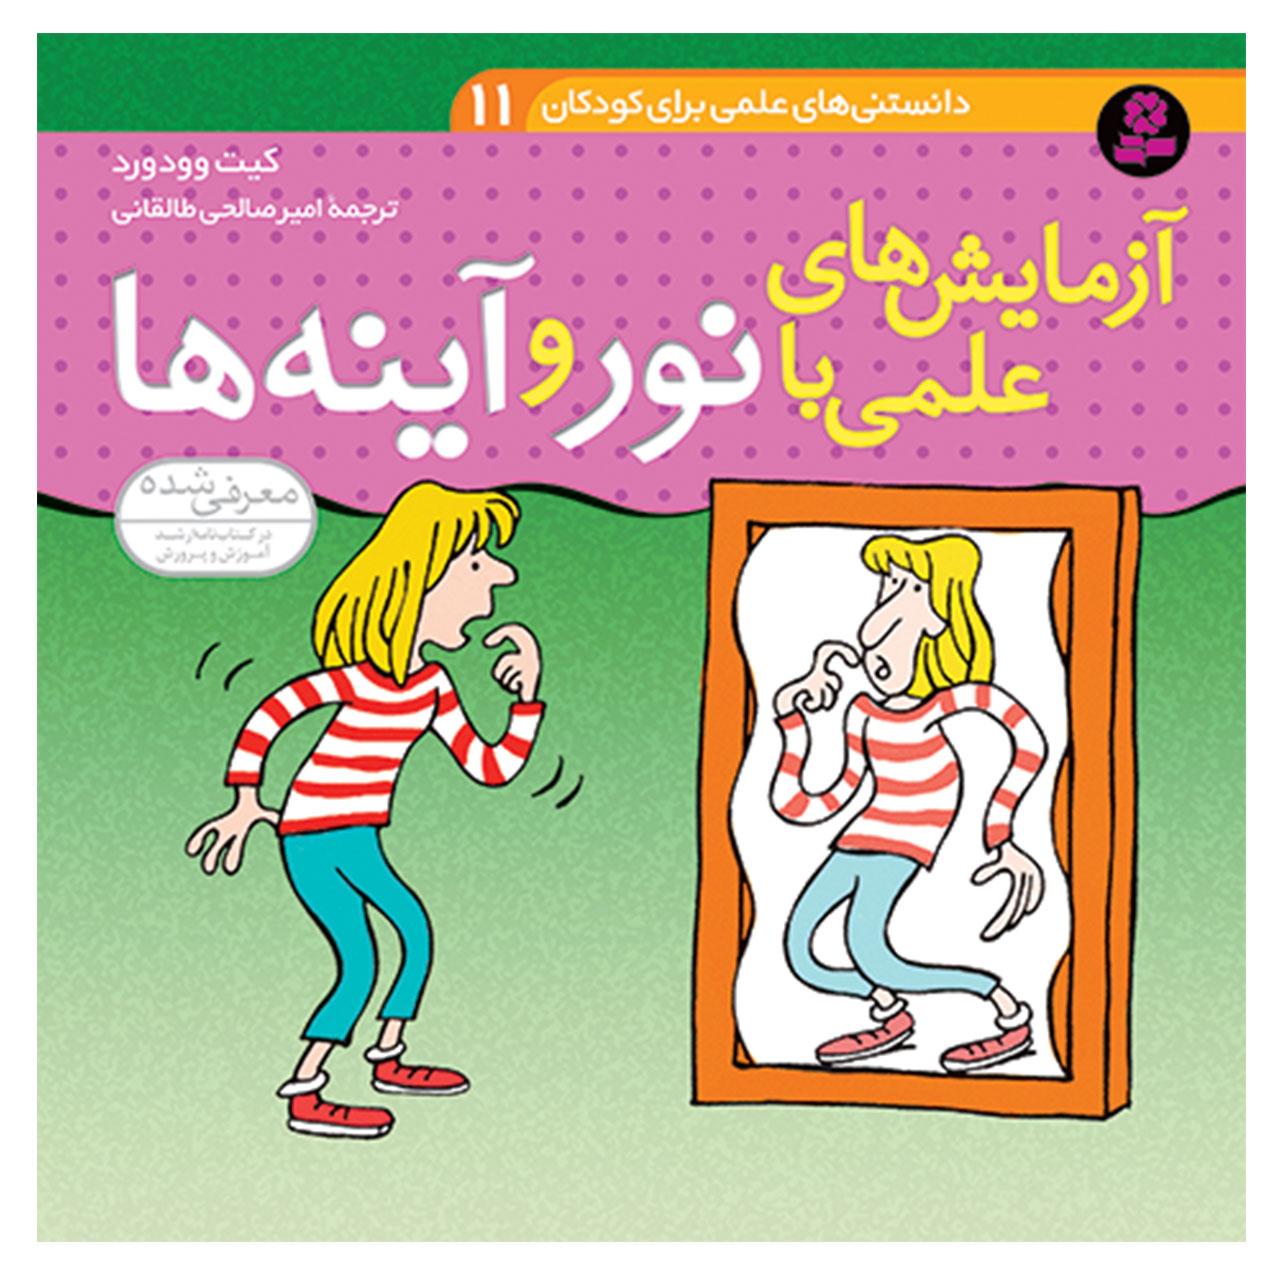 خرید                      کتاب دانستنی های علمی برای کودکان 11 آزمایش های علمی با نور و آینه ها کیت وودورد انتشارات قدیانی